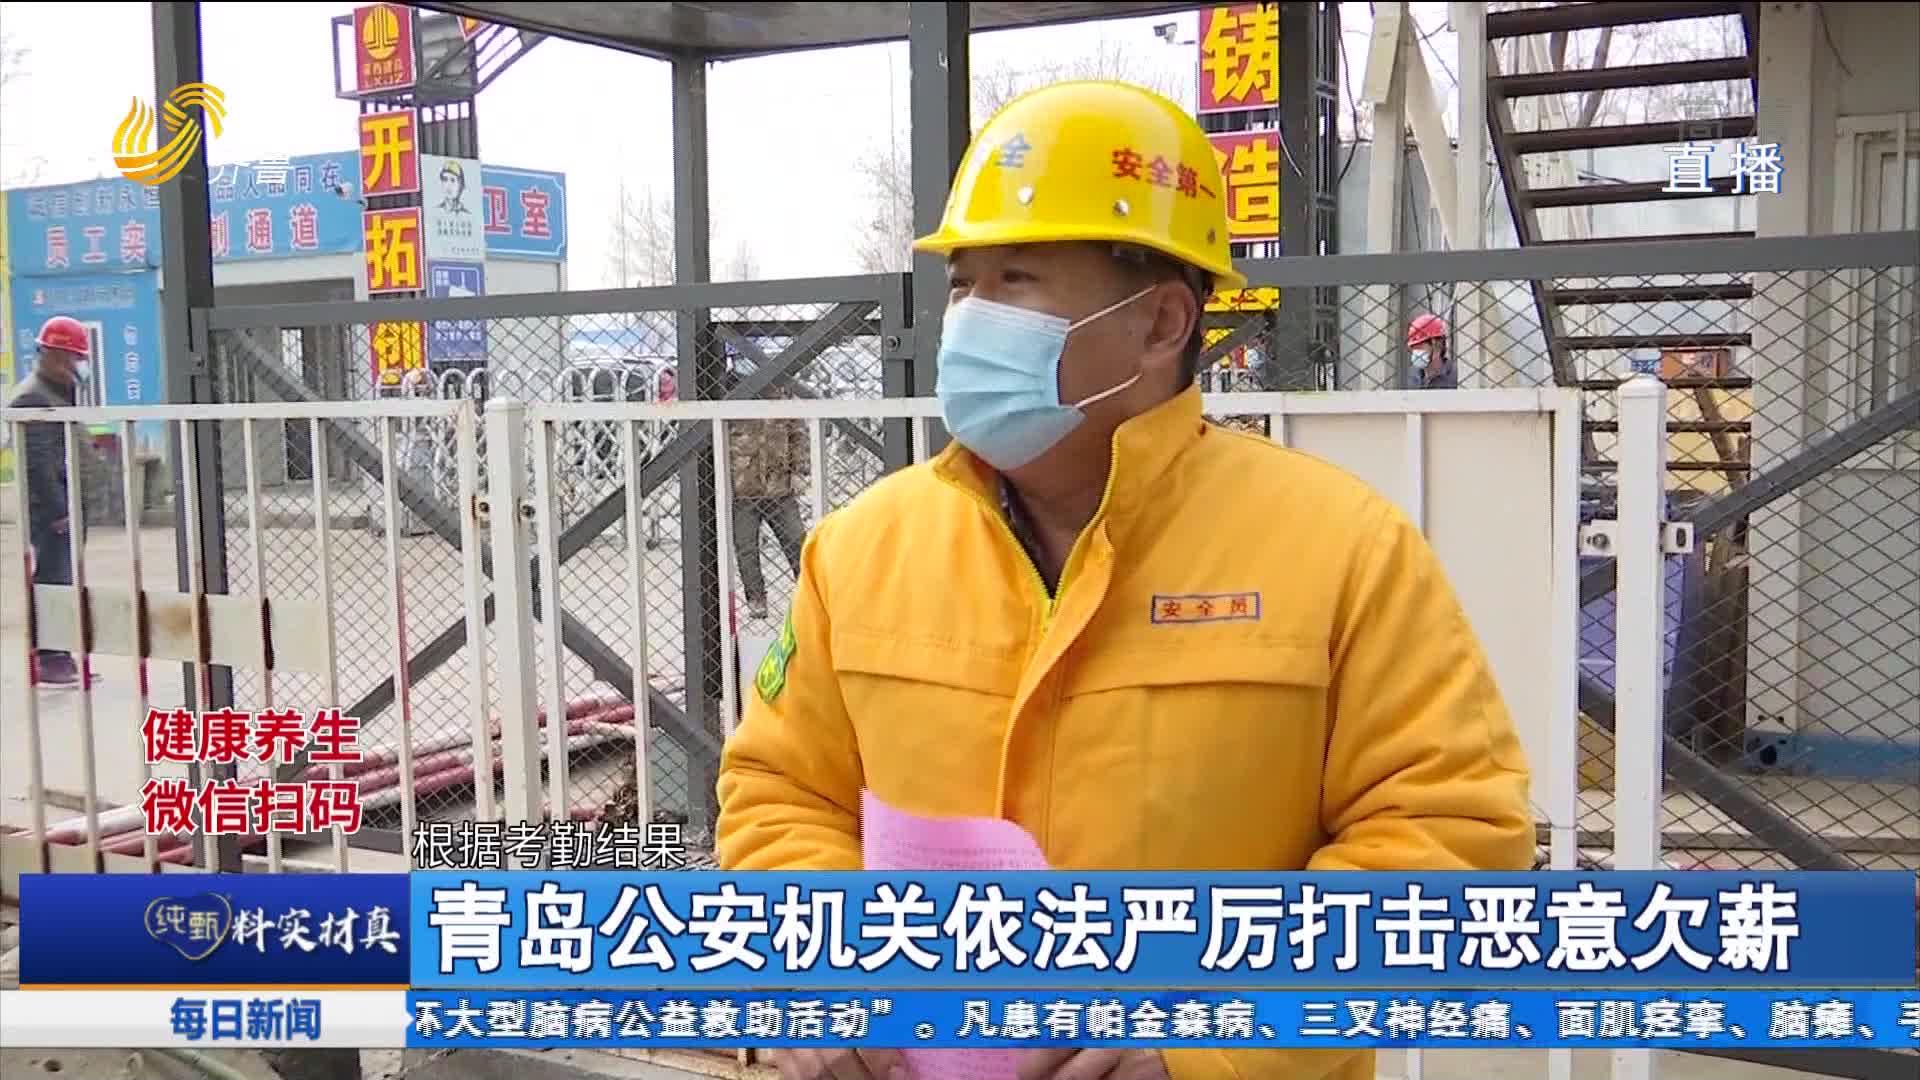 青岛公安机关依法严厉打击恶意欠薪